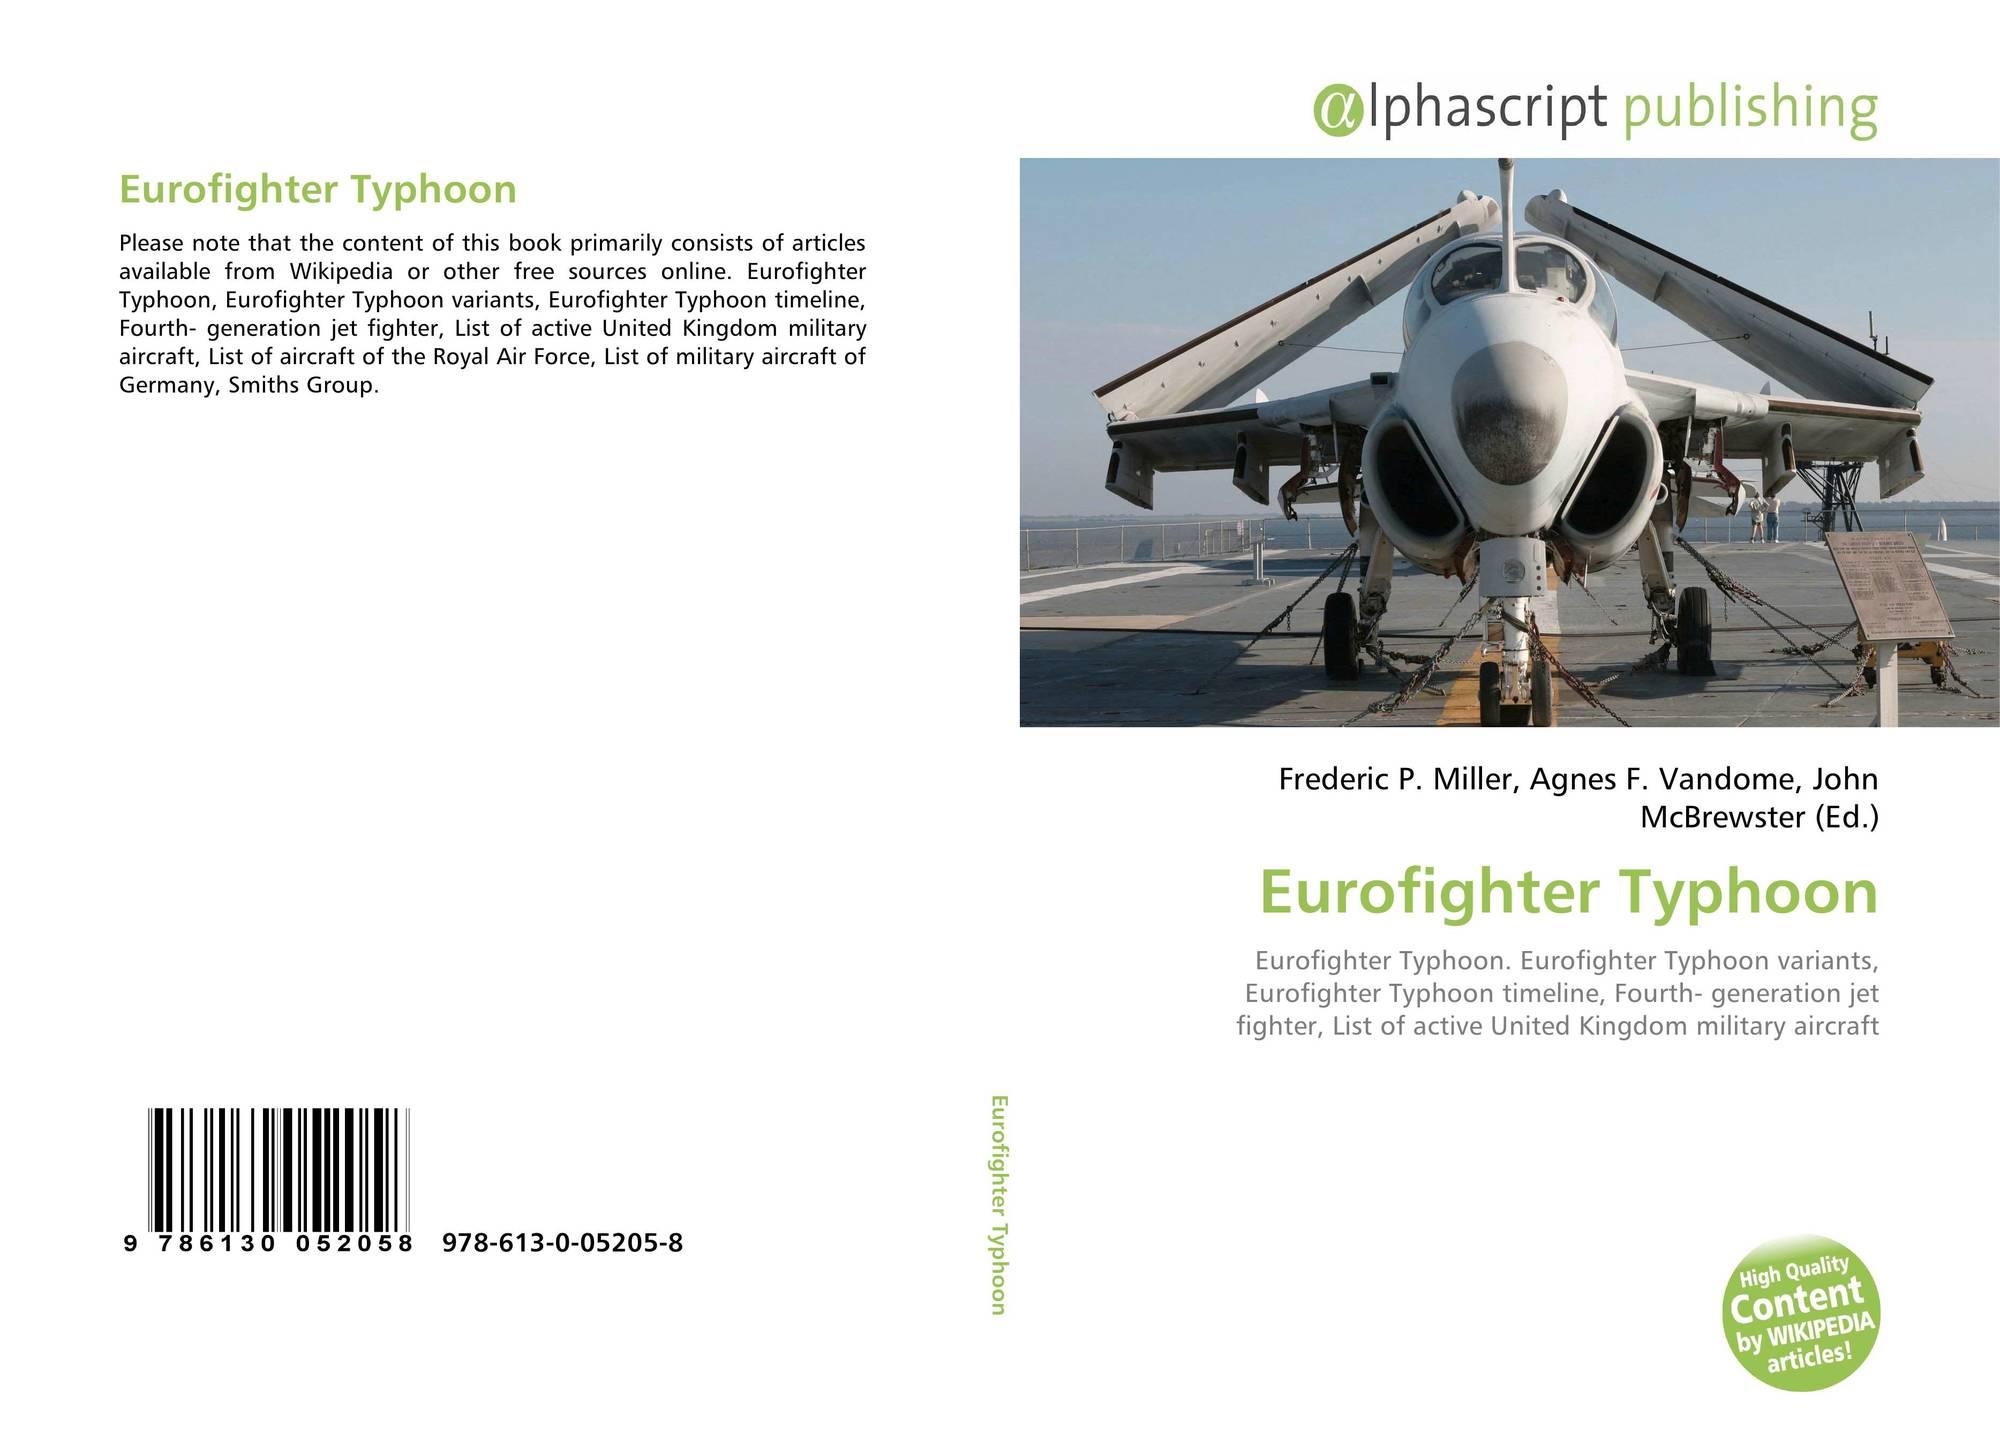 Eurofighter Typhoon, 978-613-0-05205-8, 6130052057